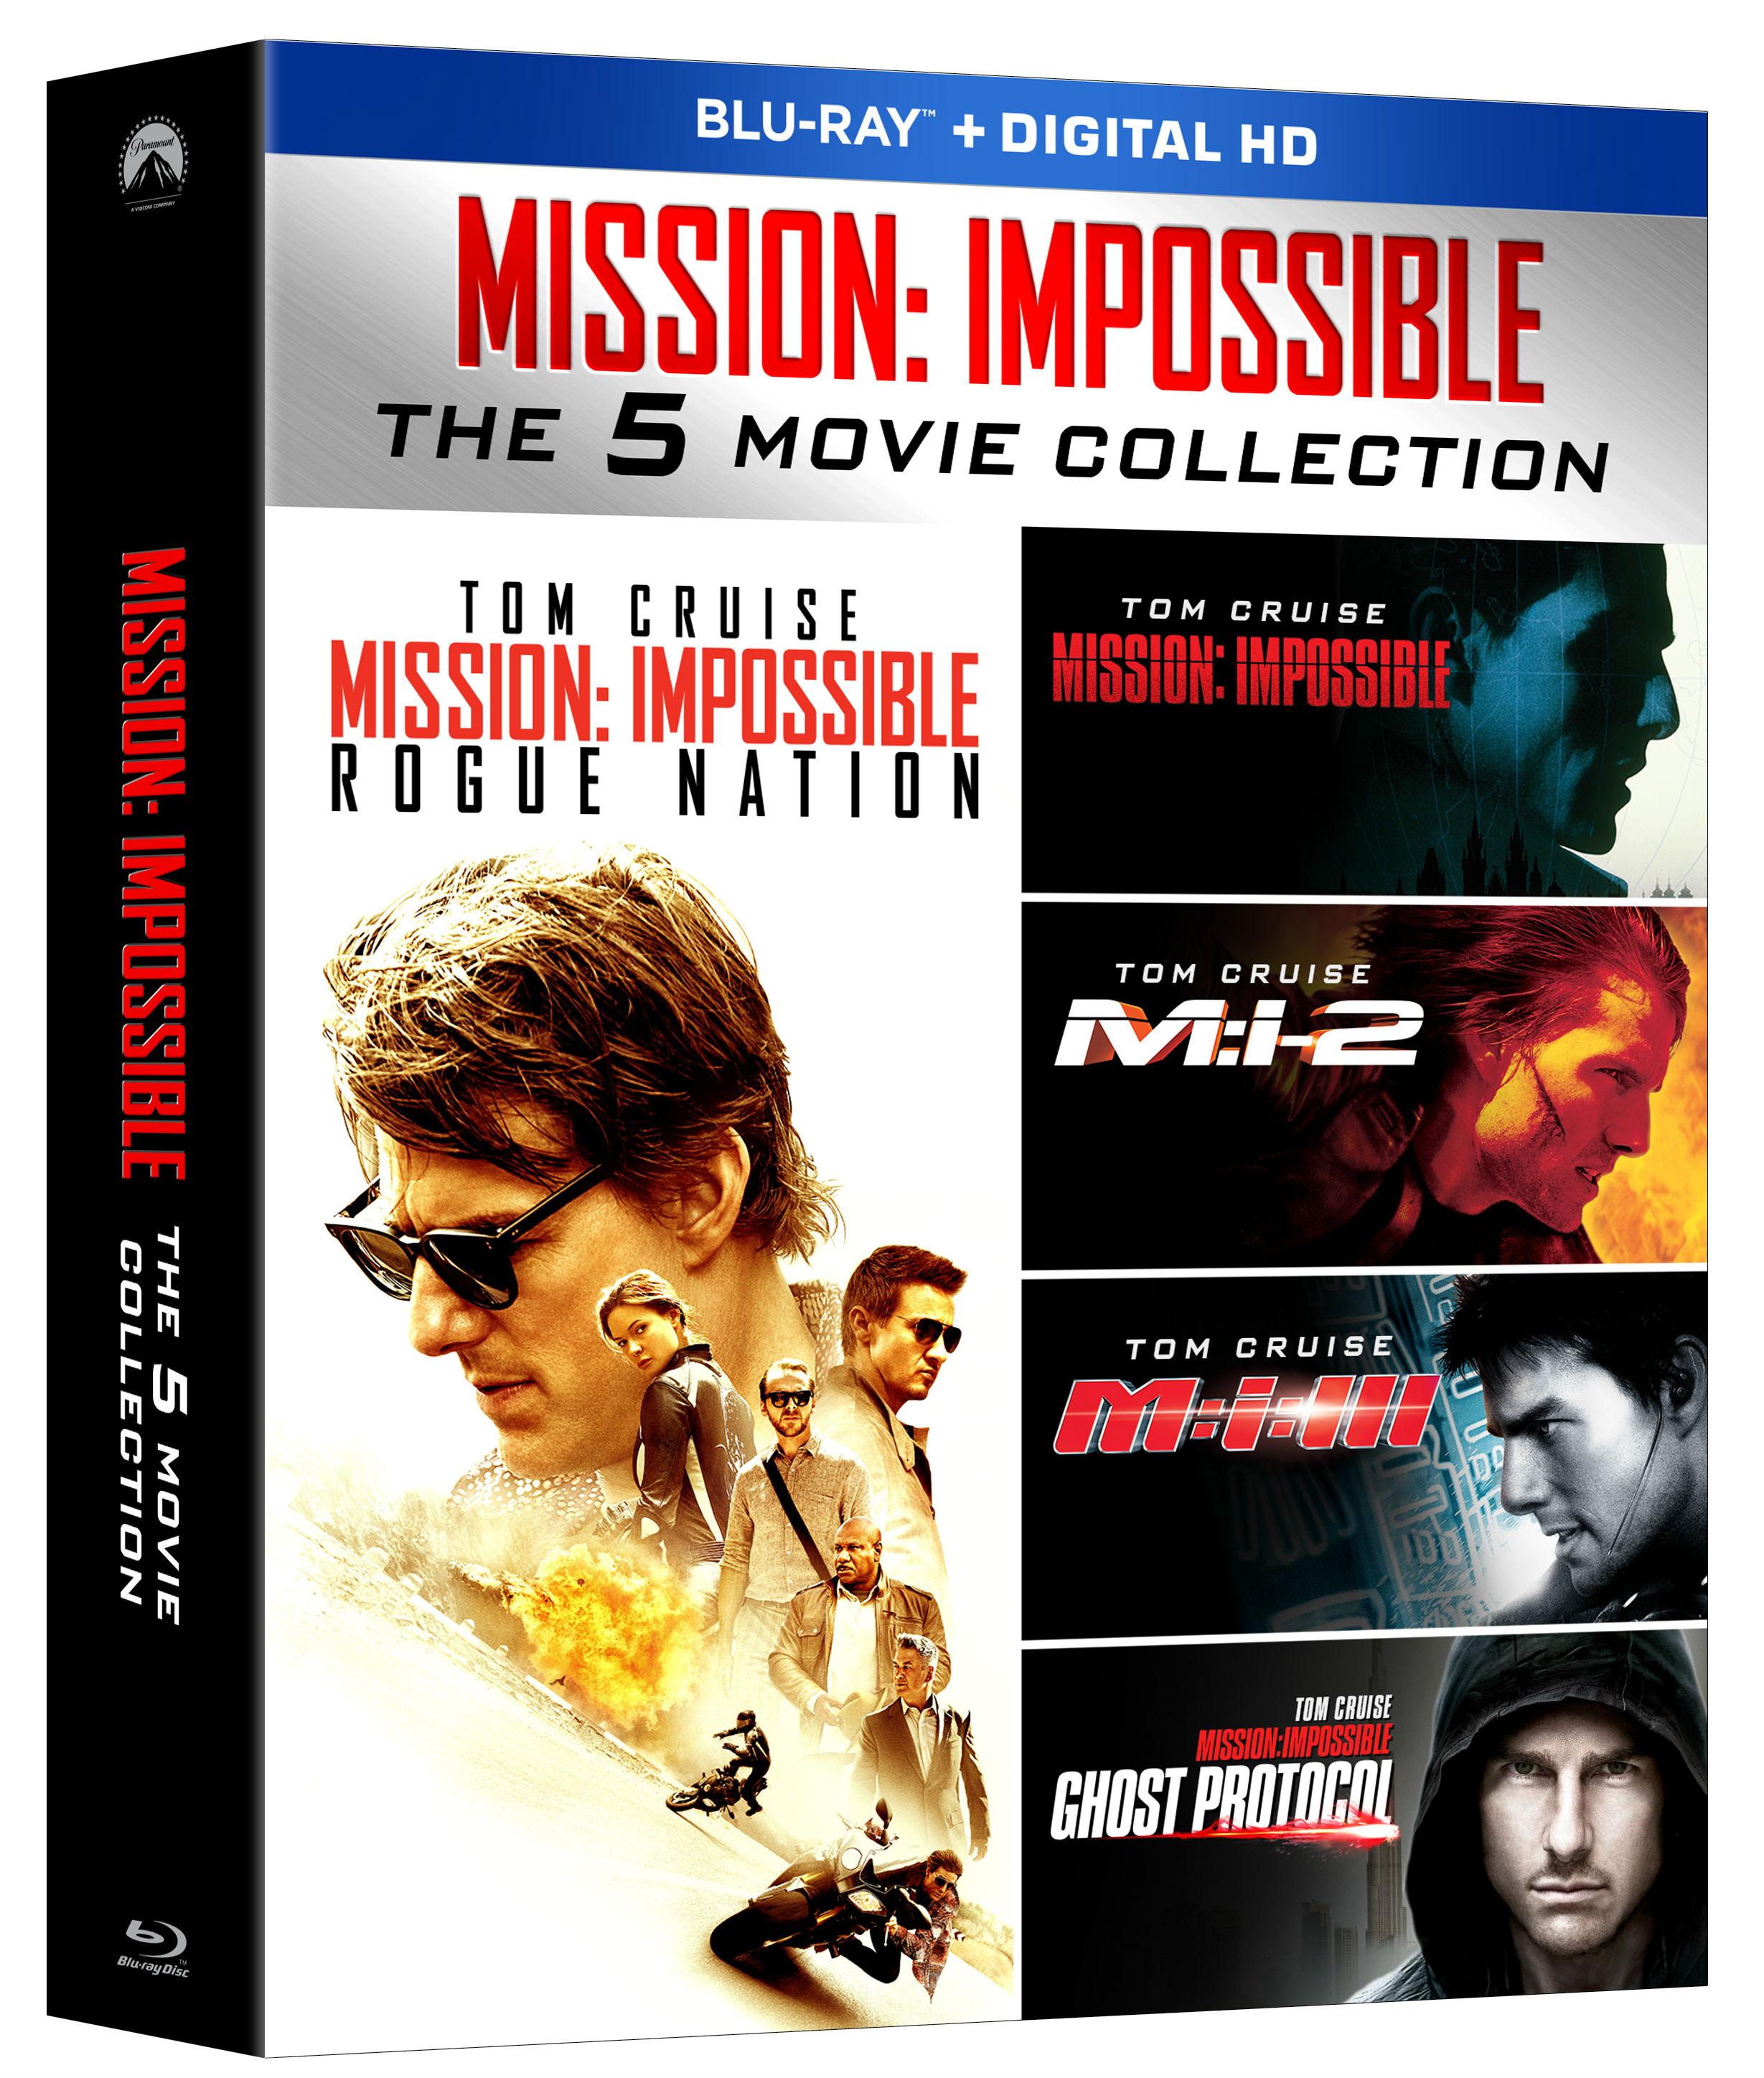 Mission impossible dvd set / Jacks frozen pizza